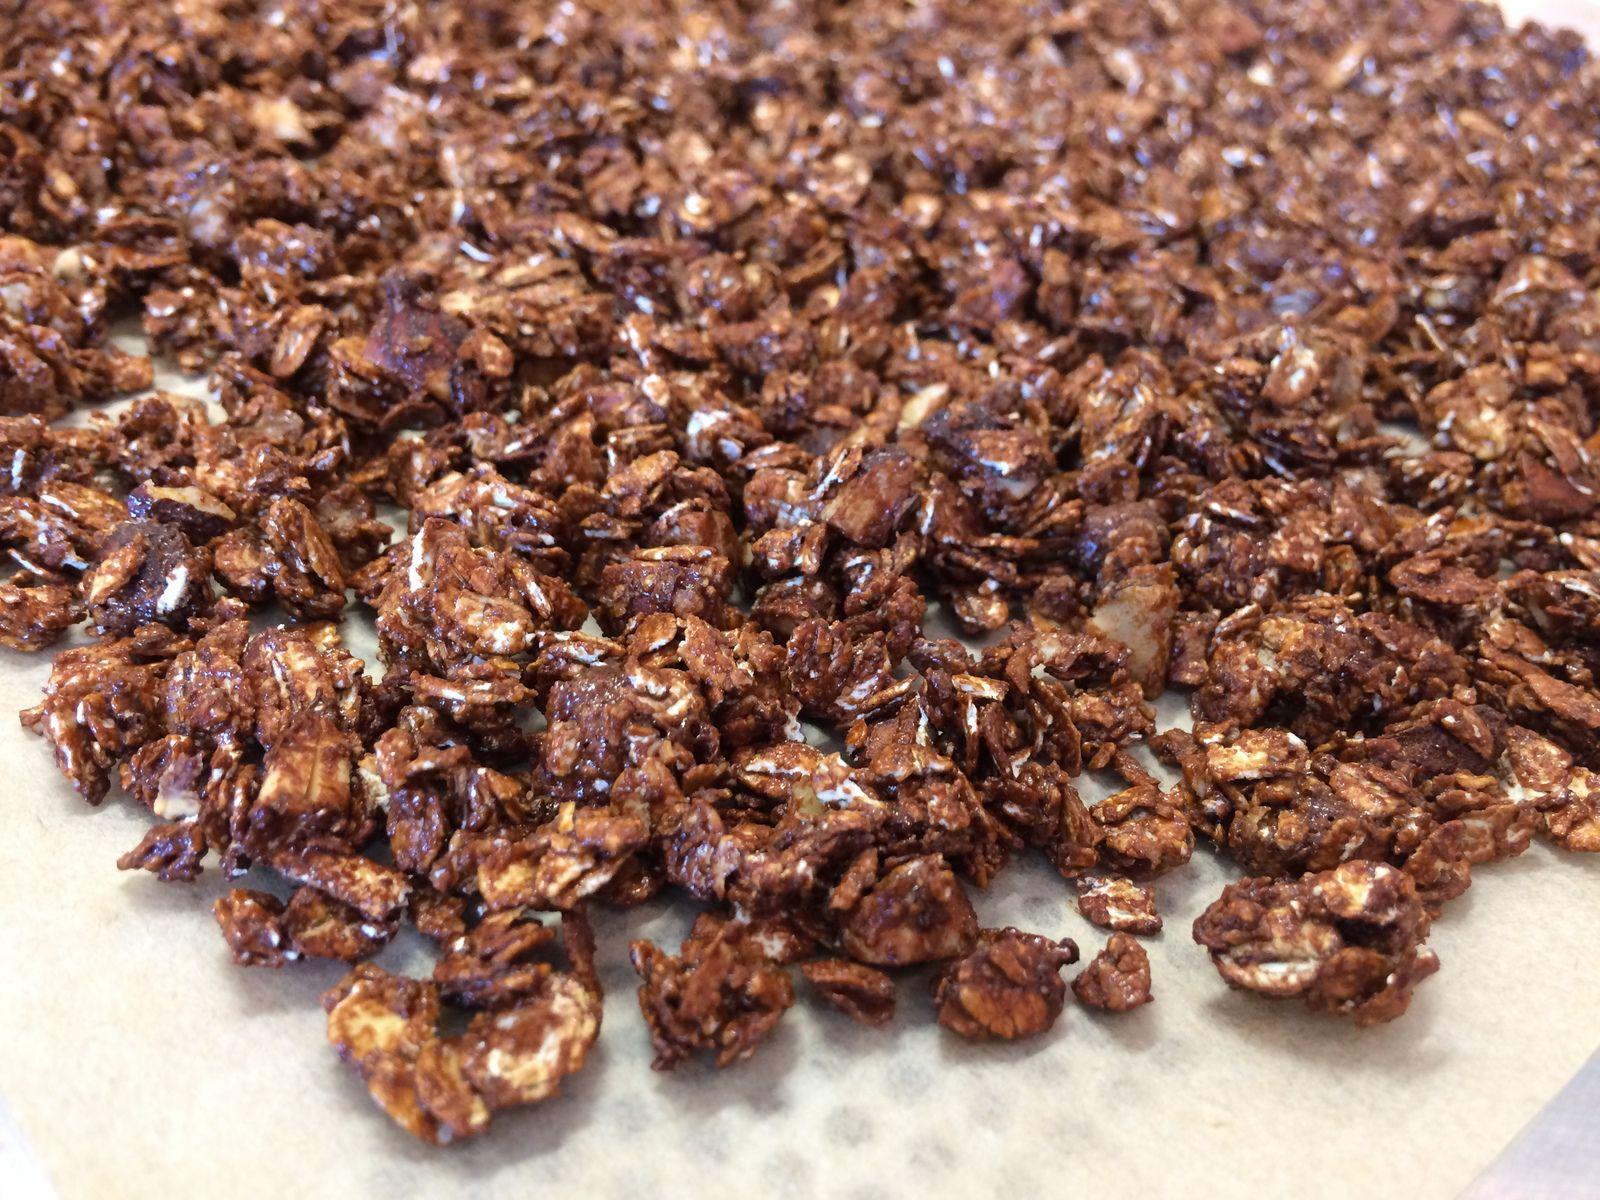 On éteint le four quand tout est bien doré, les flocons doivent être croustillants. S'ils ne sont pas tout à fait croustillants car contenant encore un peu d'humidité, on peut poursuivre la cuisson 5 mn et/ou les laisser dans le four éteint jusqu'à refroidissement. Les fruits secs ont un bon goût torréfié, ce granola est délicieux juste à la sortie du four !